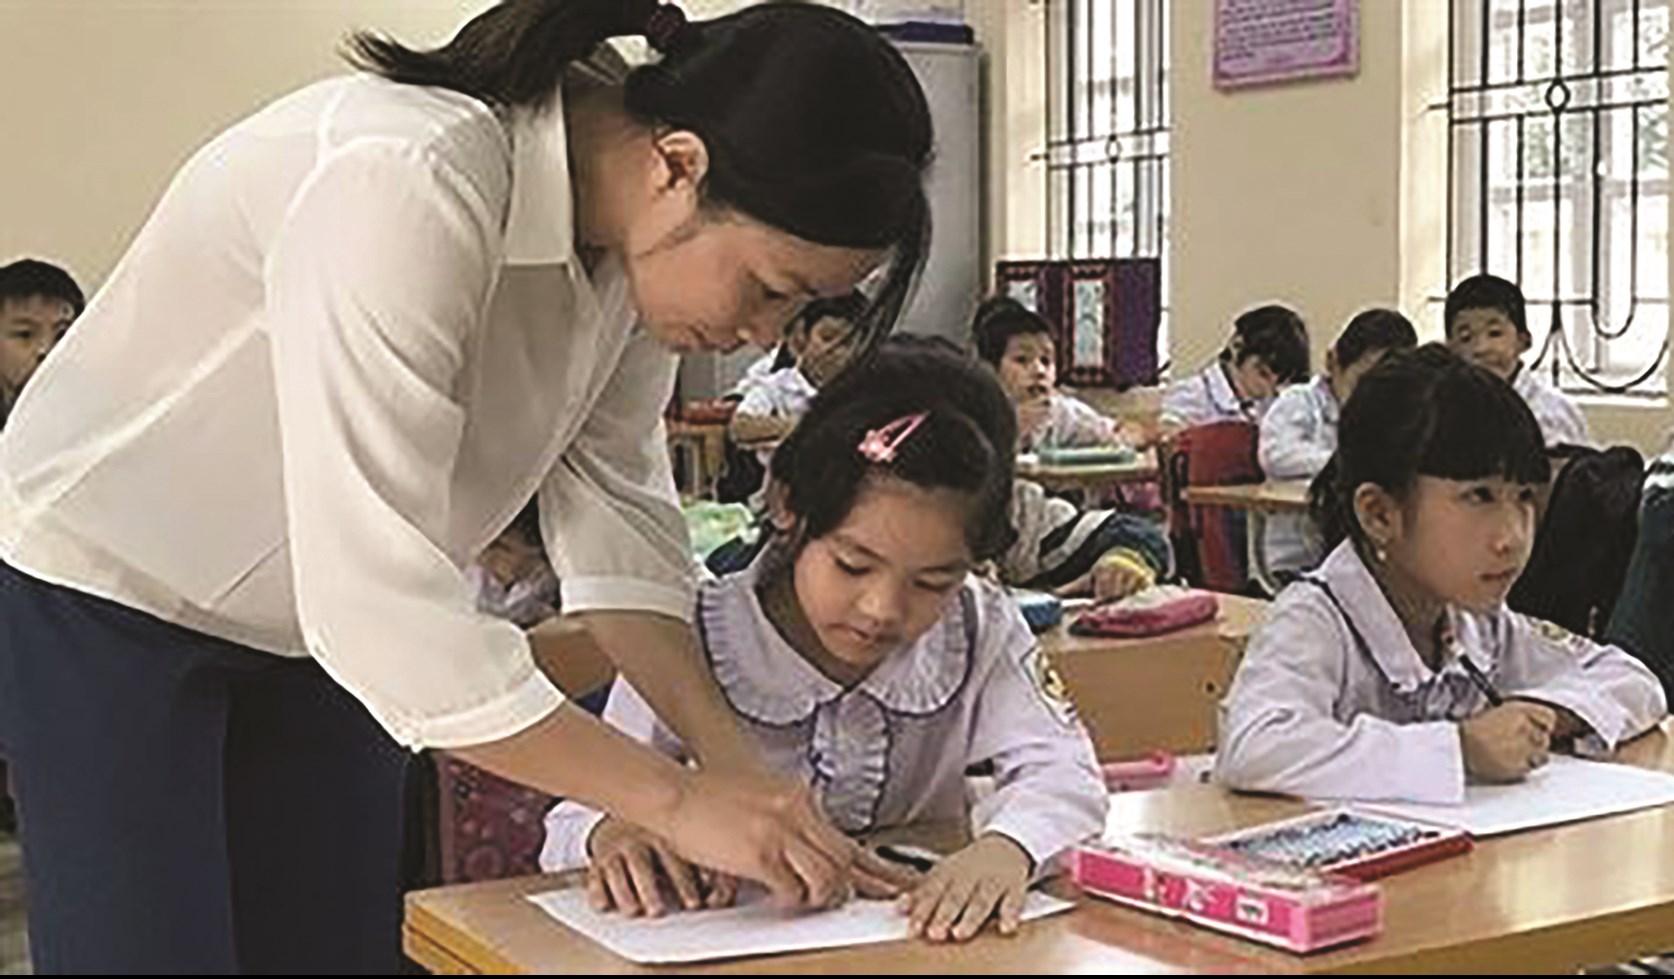 Việc triển khai Chương trình giáo dục phổ thông mới vào năm học 2020 - 2021 góp phần nâng cao chất lượng giáo dục